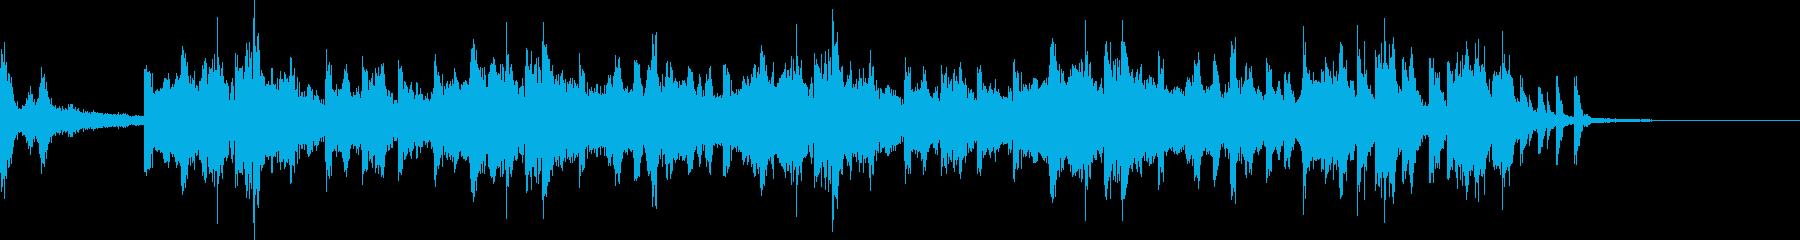 ゲーム音楽(起動、待機)の再生済みの波形